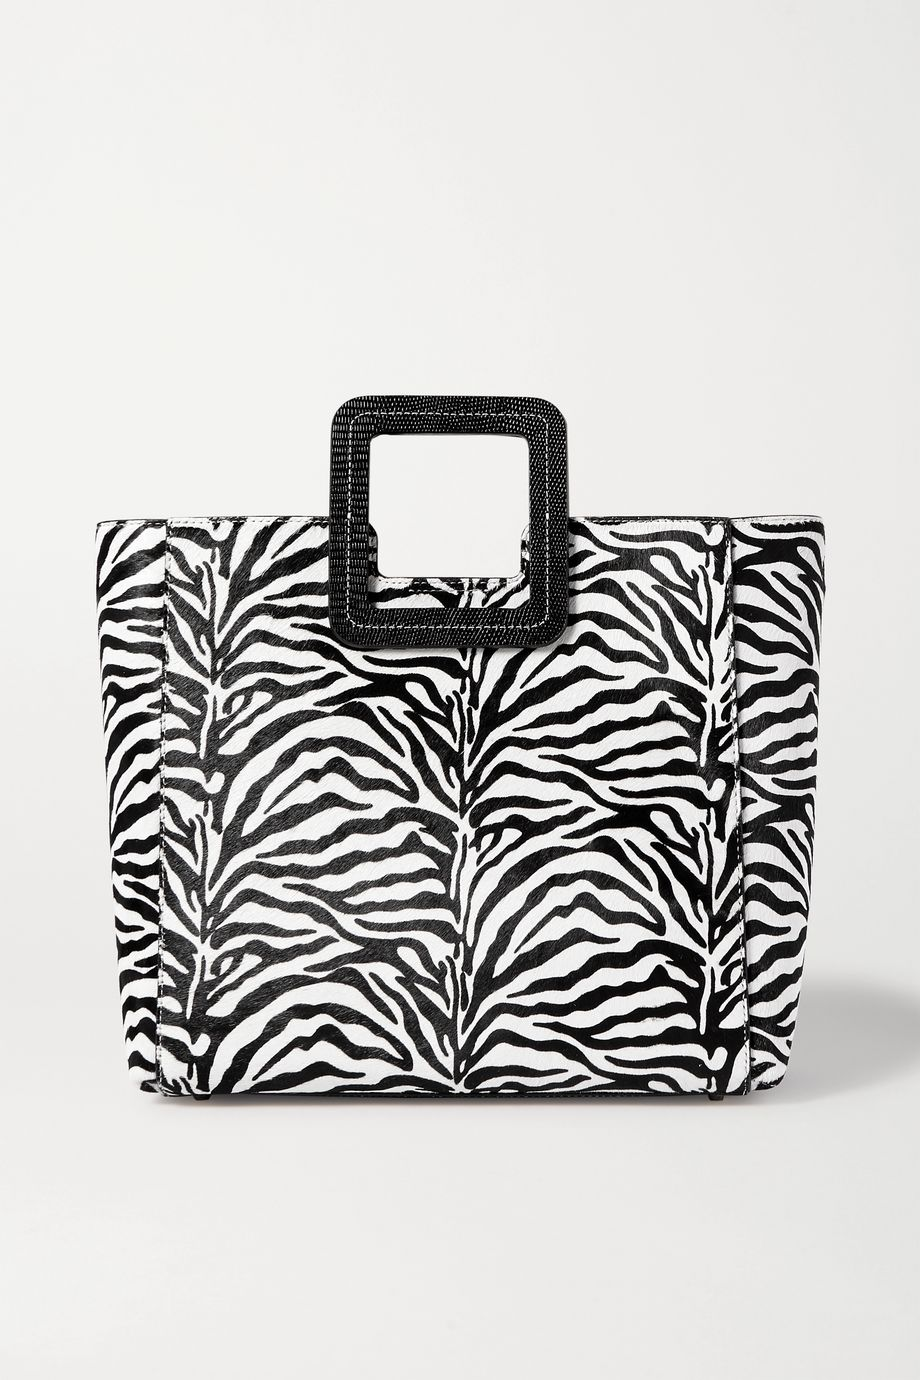 스타우드 셜리백, 지브라 카프 헤어 Staud Shirley leather-trimmed zebra-print calf hair tote